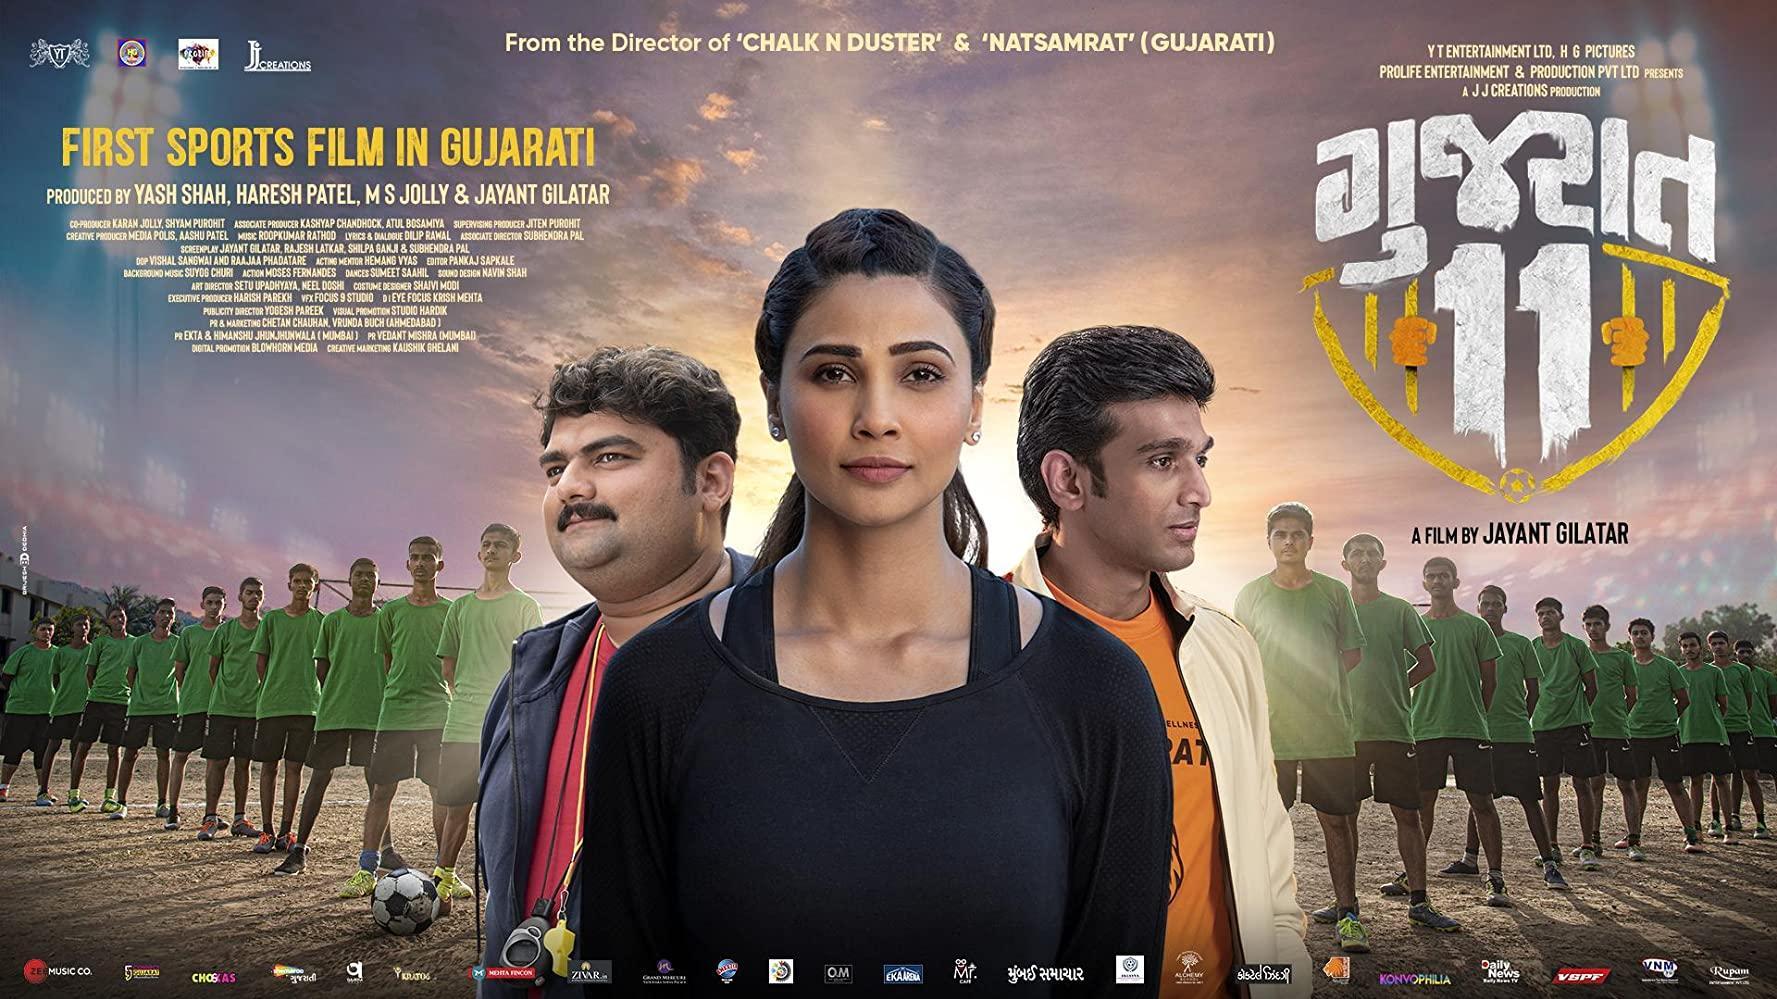 مشاهدة فيلم Gujarat 11 (2019) مترجم HD اون لاين